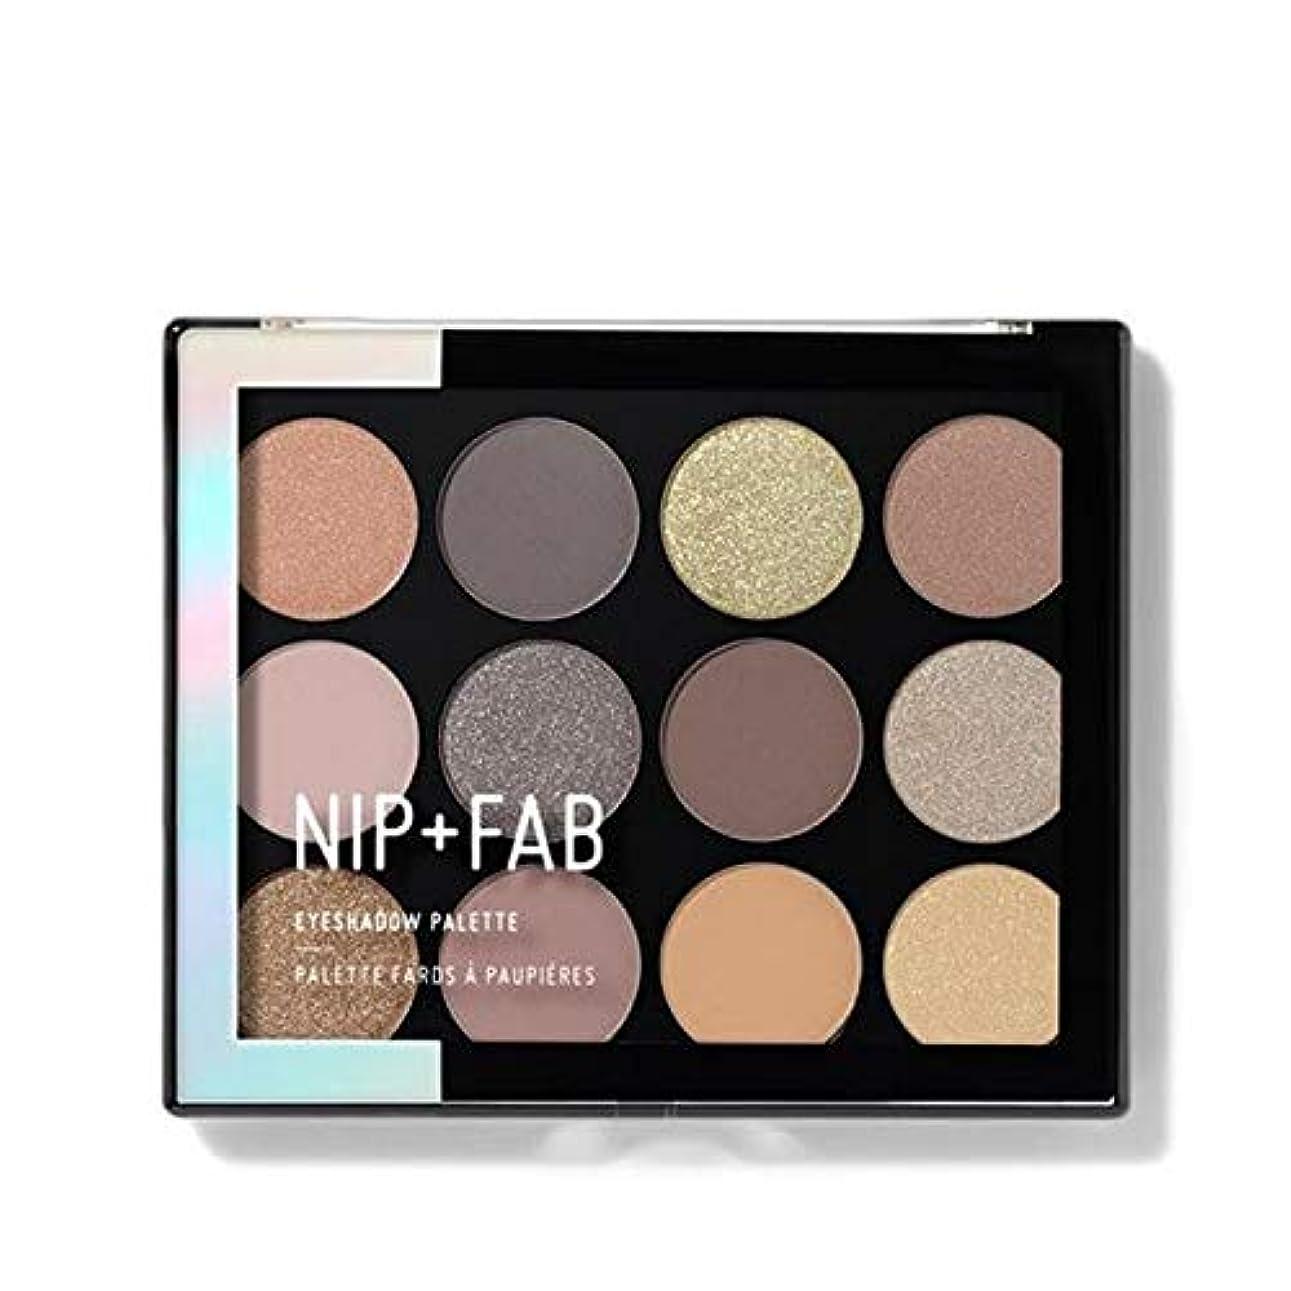 ポルノエピソード落ち着いた[Nip & Fab ] アイシャドウパレット12グラム穏やかグラム4を構成するFab +ニップ - NIP+FAB Make Up Eyeshadow Palette 12g Gentle Glam 4 [並行輸入品]